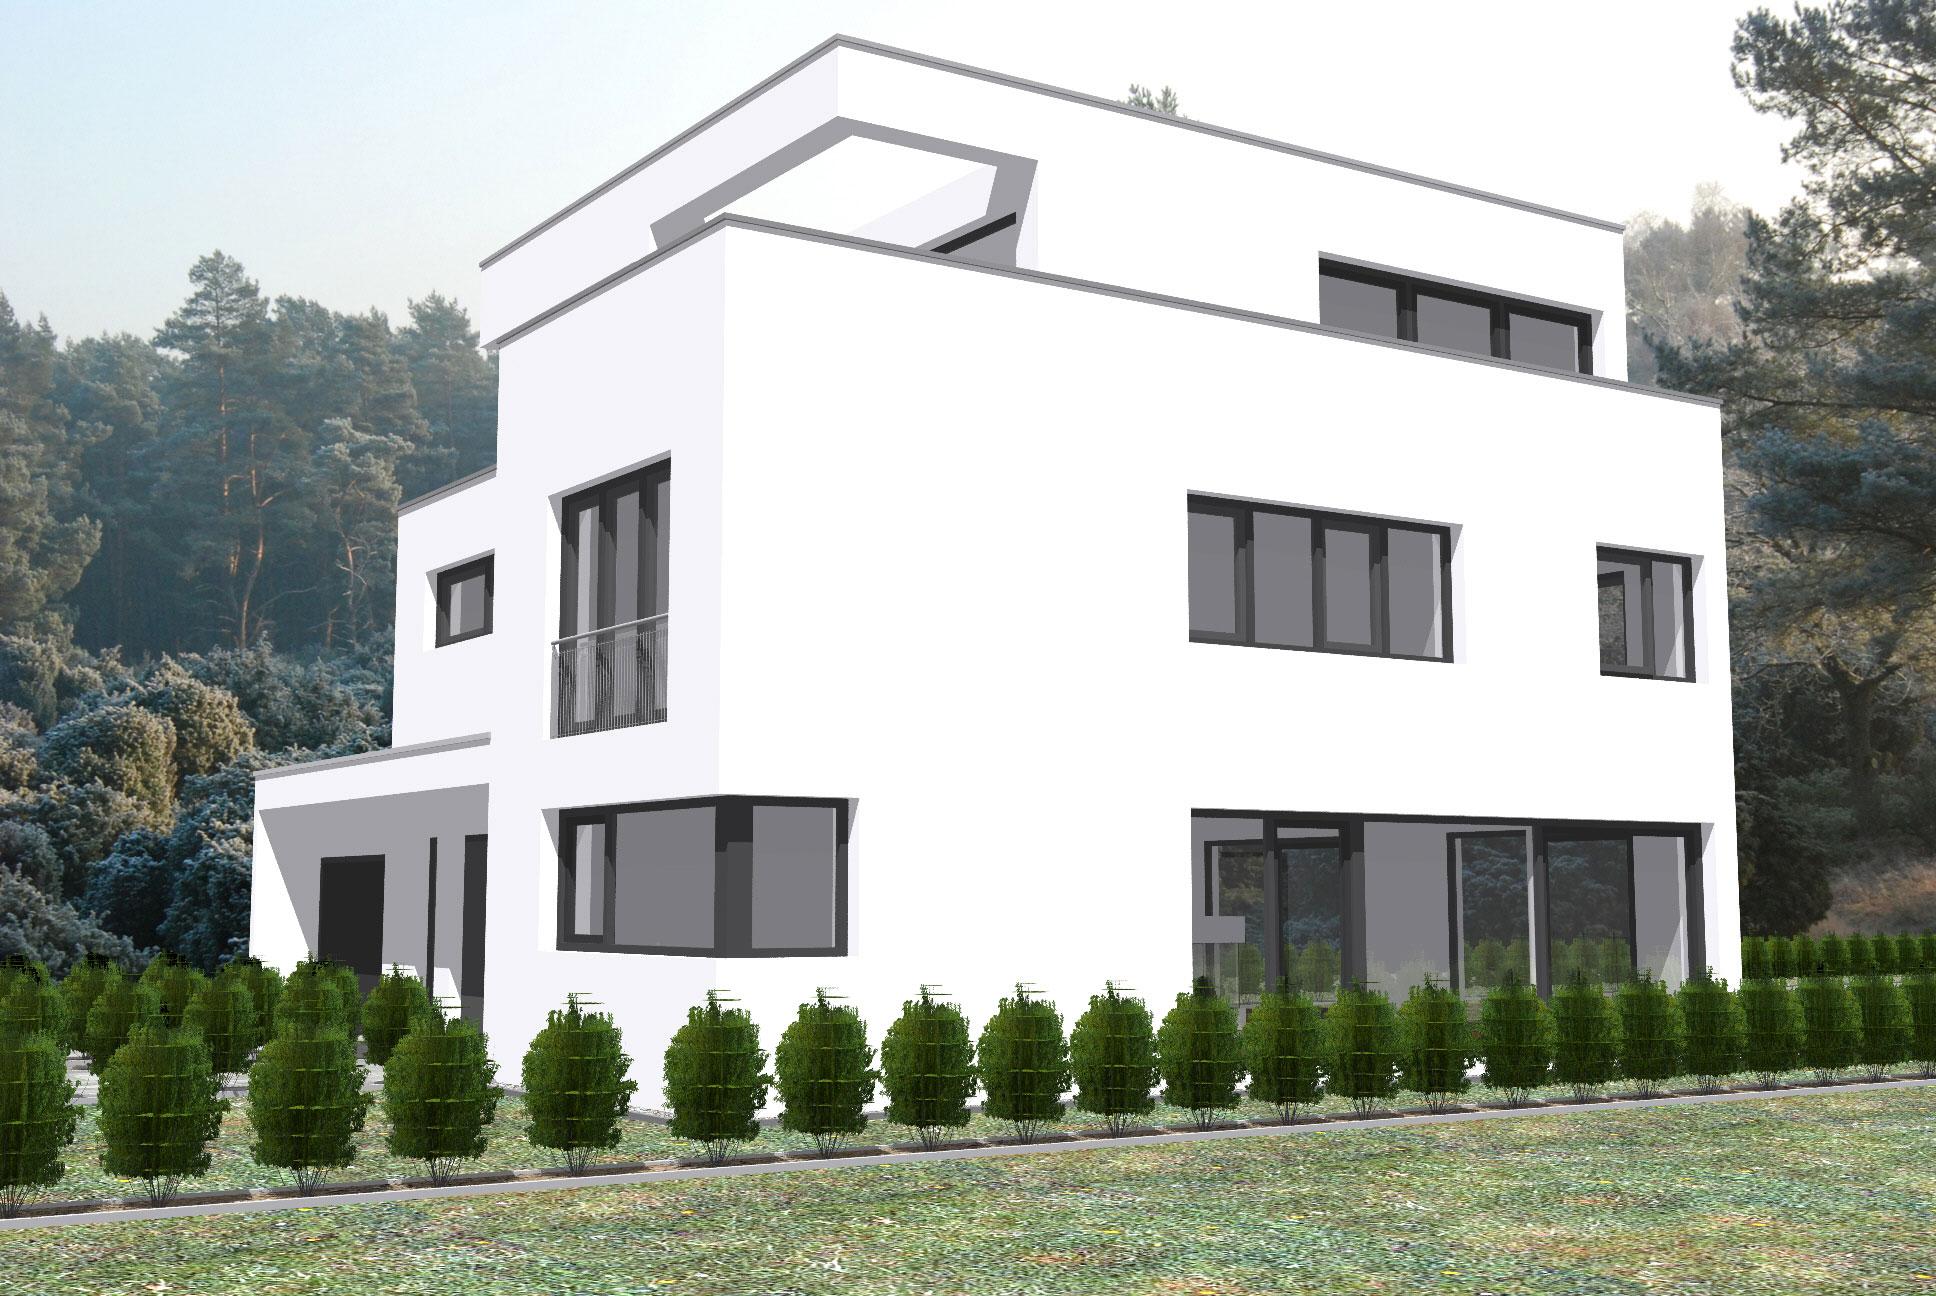 Haus mit flachdach winkelbau erfurt baugebiet wachsenburgweg ins haus integrierter carport offenes wohnen moderne architektur fünf